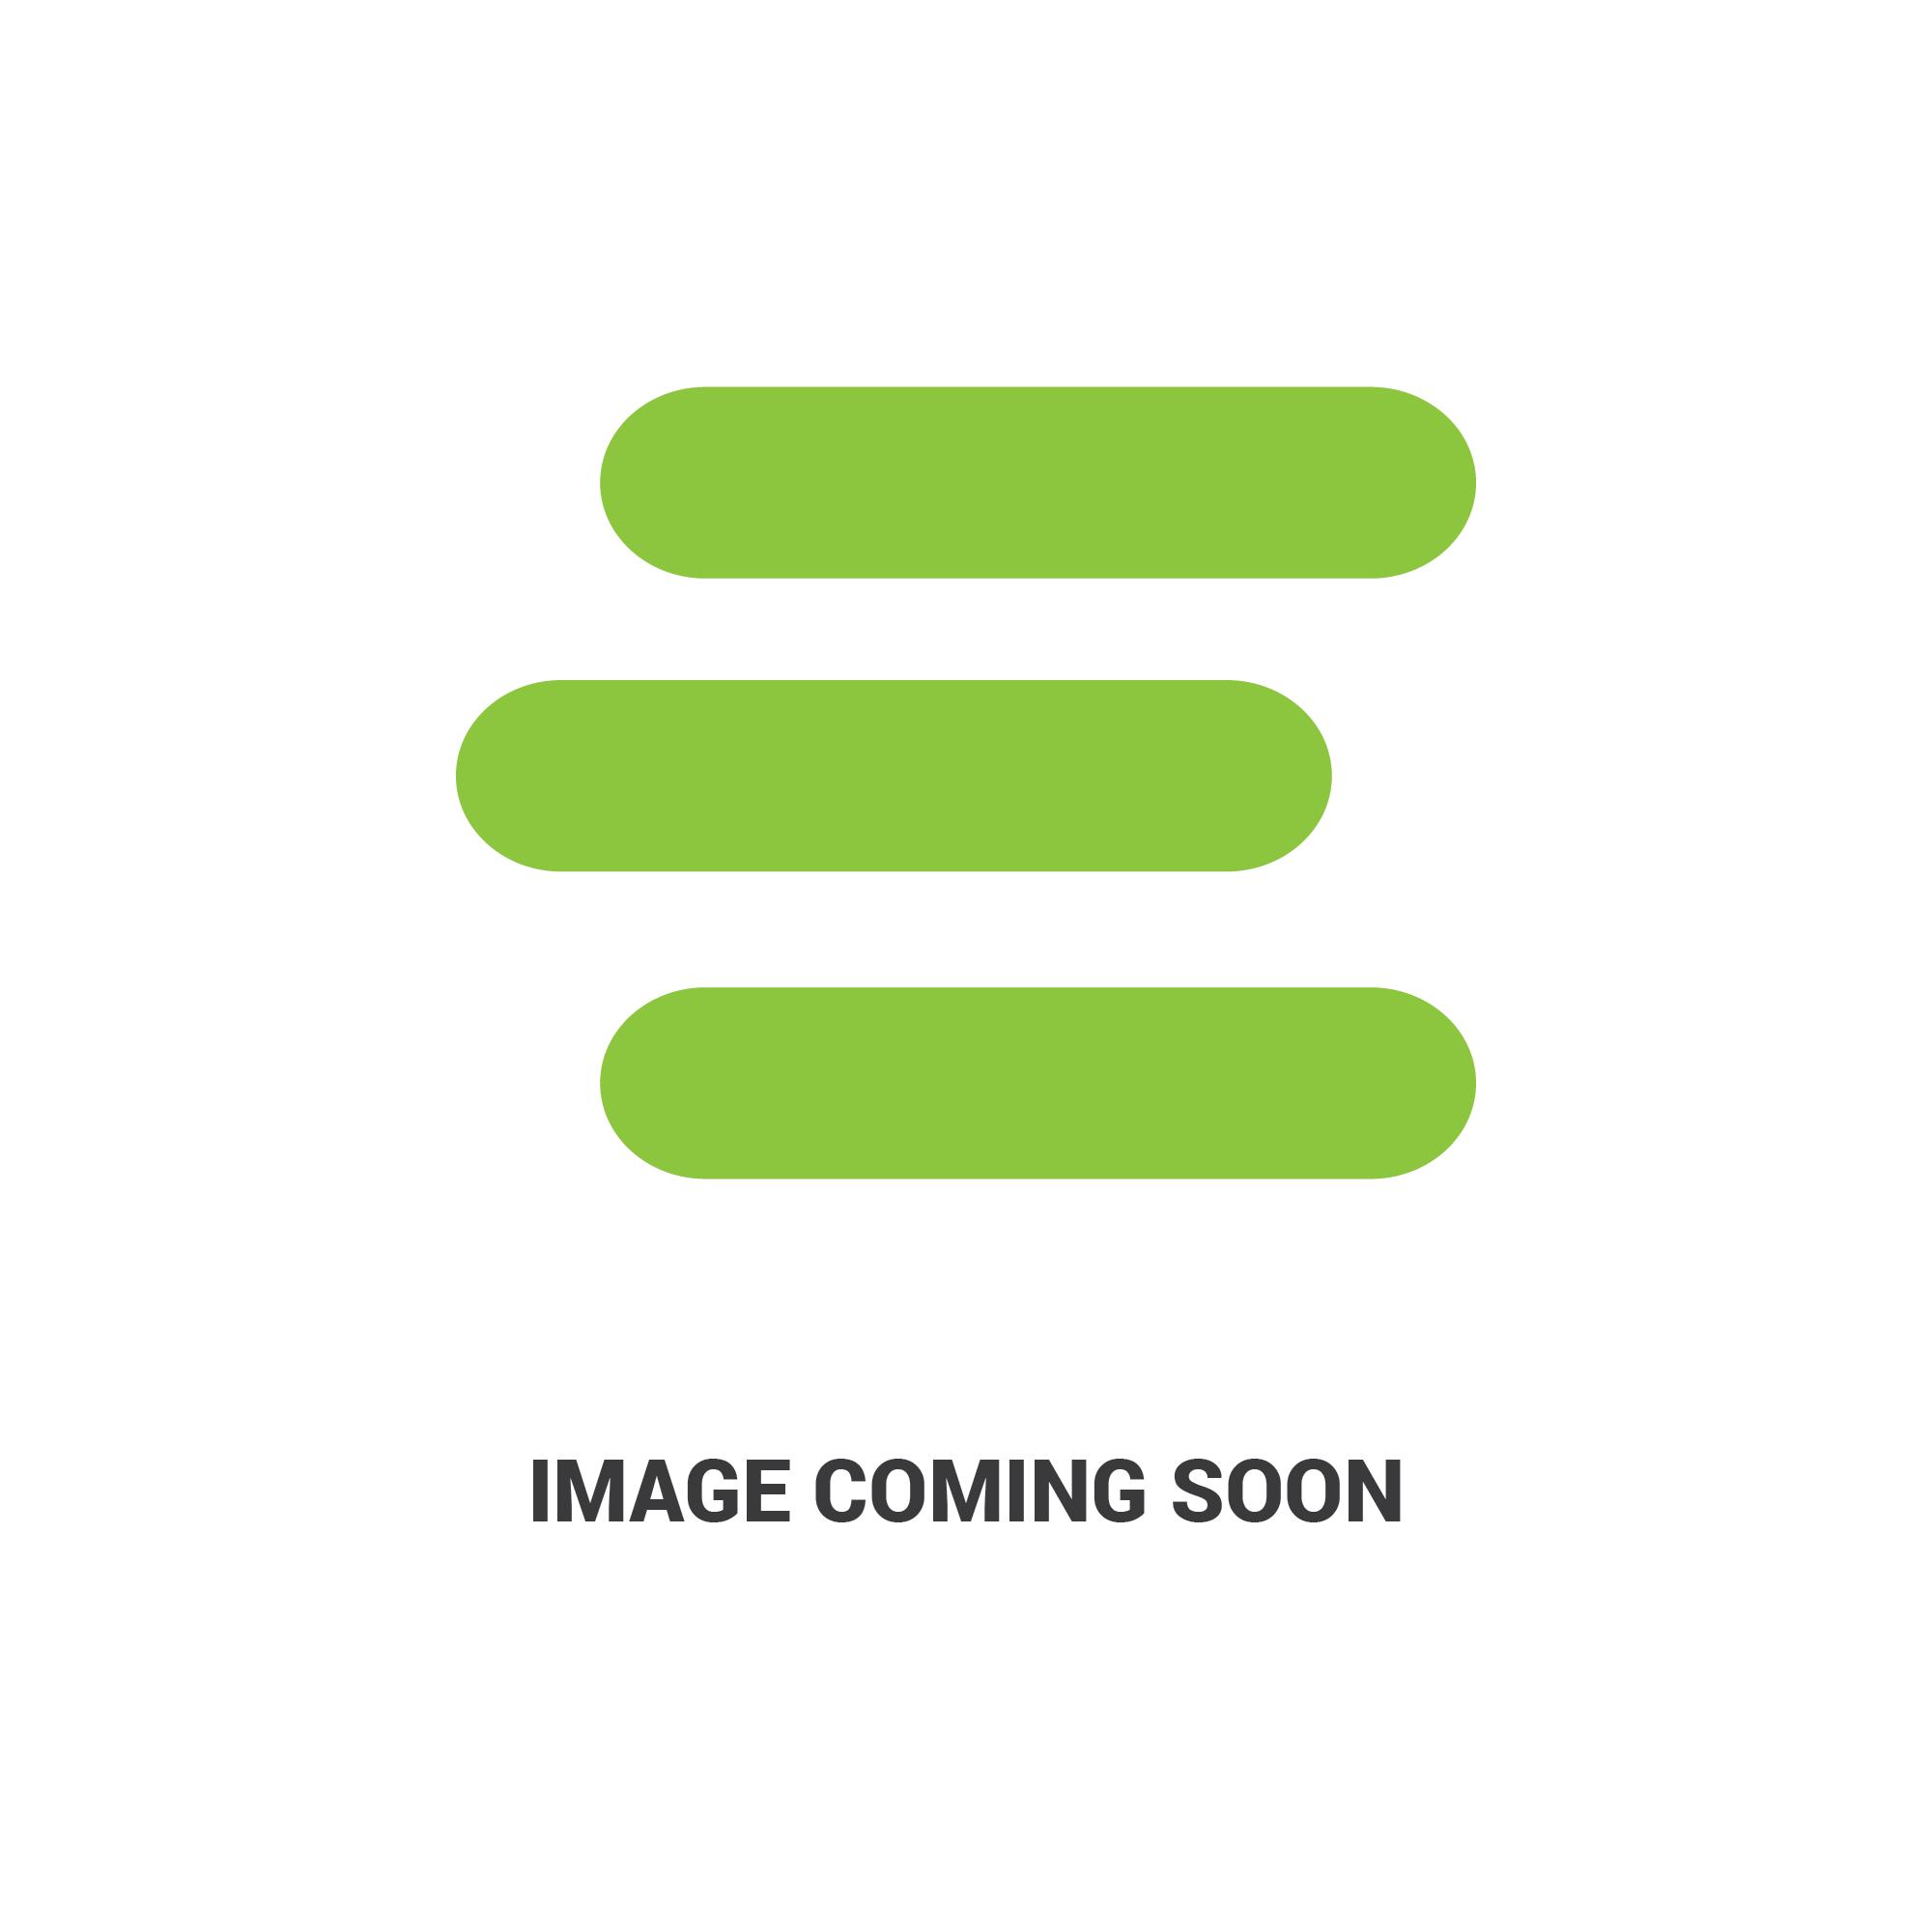 E-K7561-561202004_1.jpg